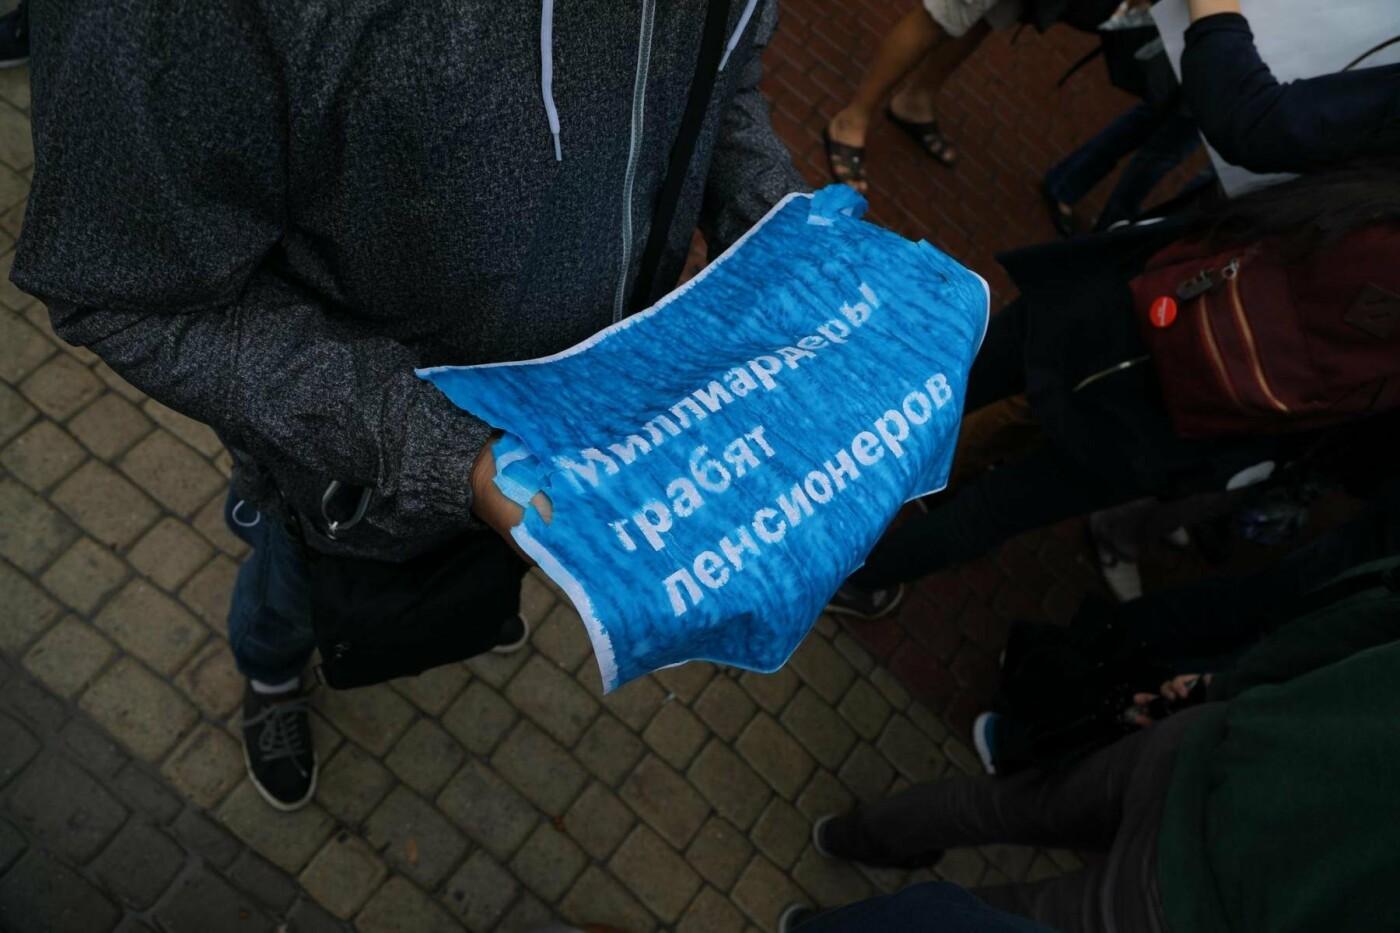 Как в Белгороде прошёл митинг против повышения пенсионного возраста (фото), фото-3